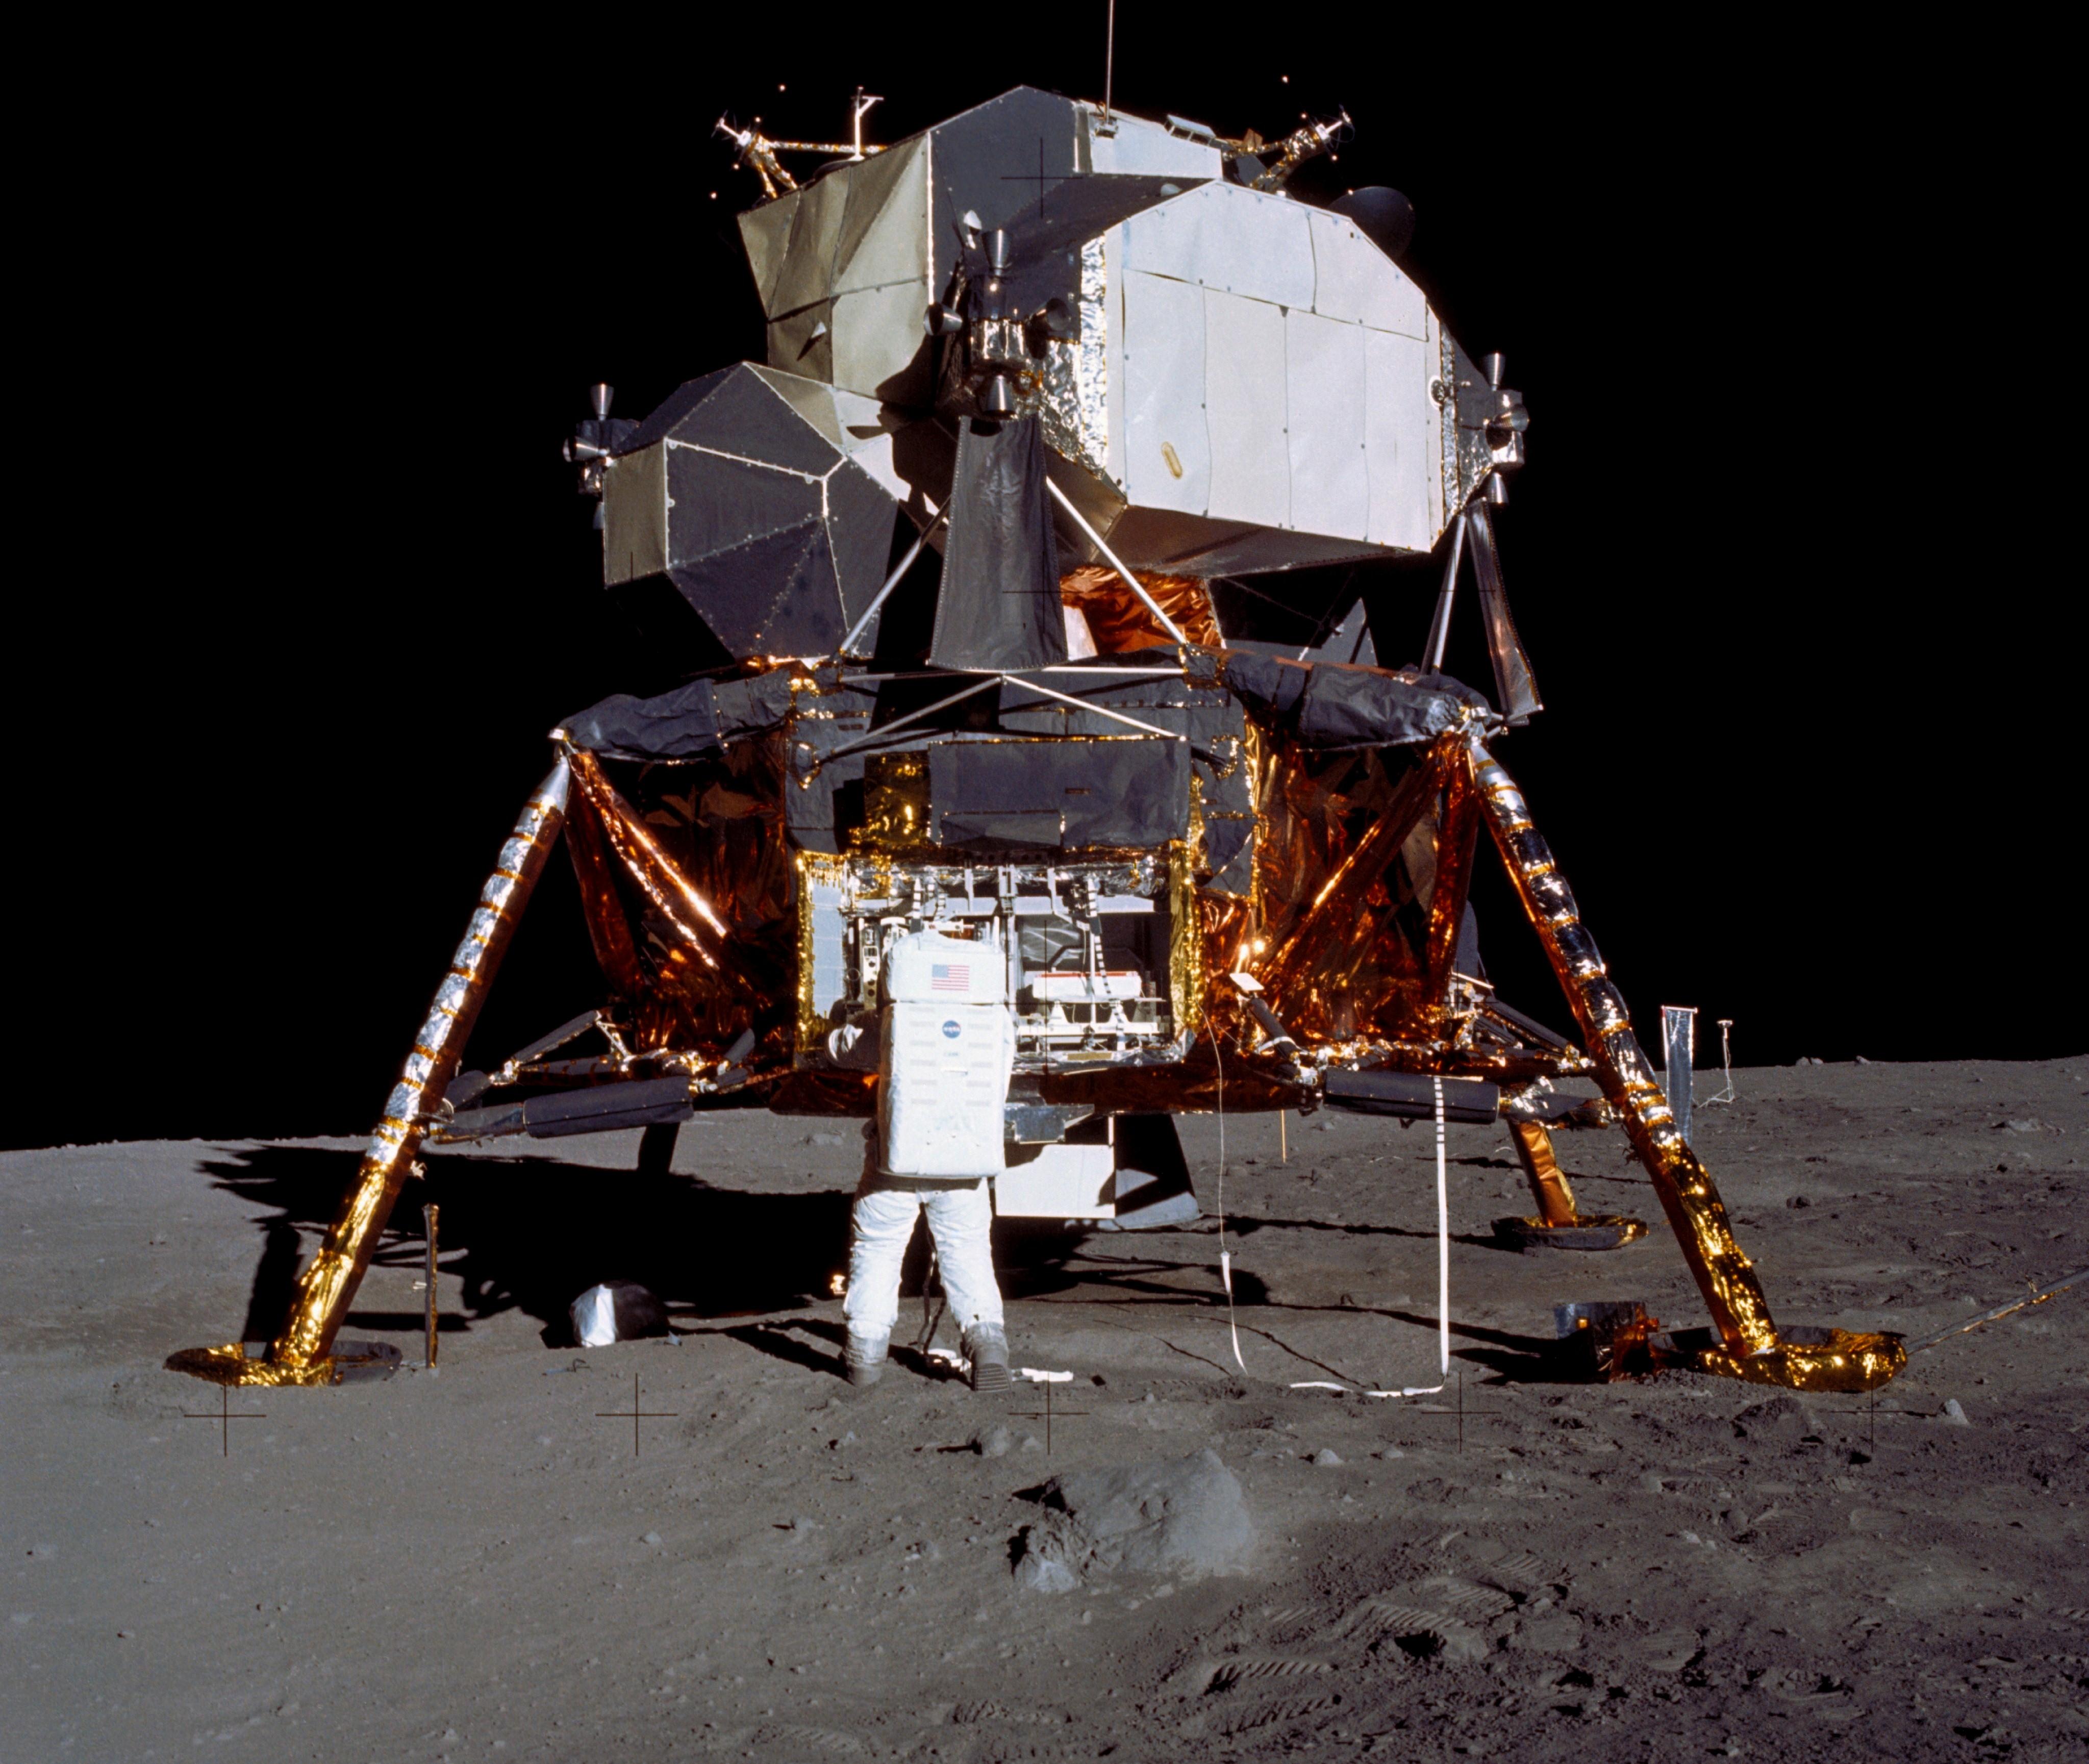 nasa apollo 1969 moon - photo #25